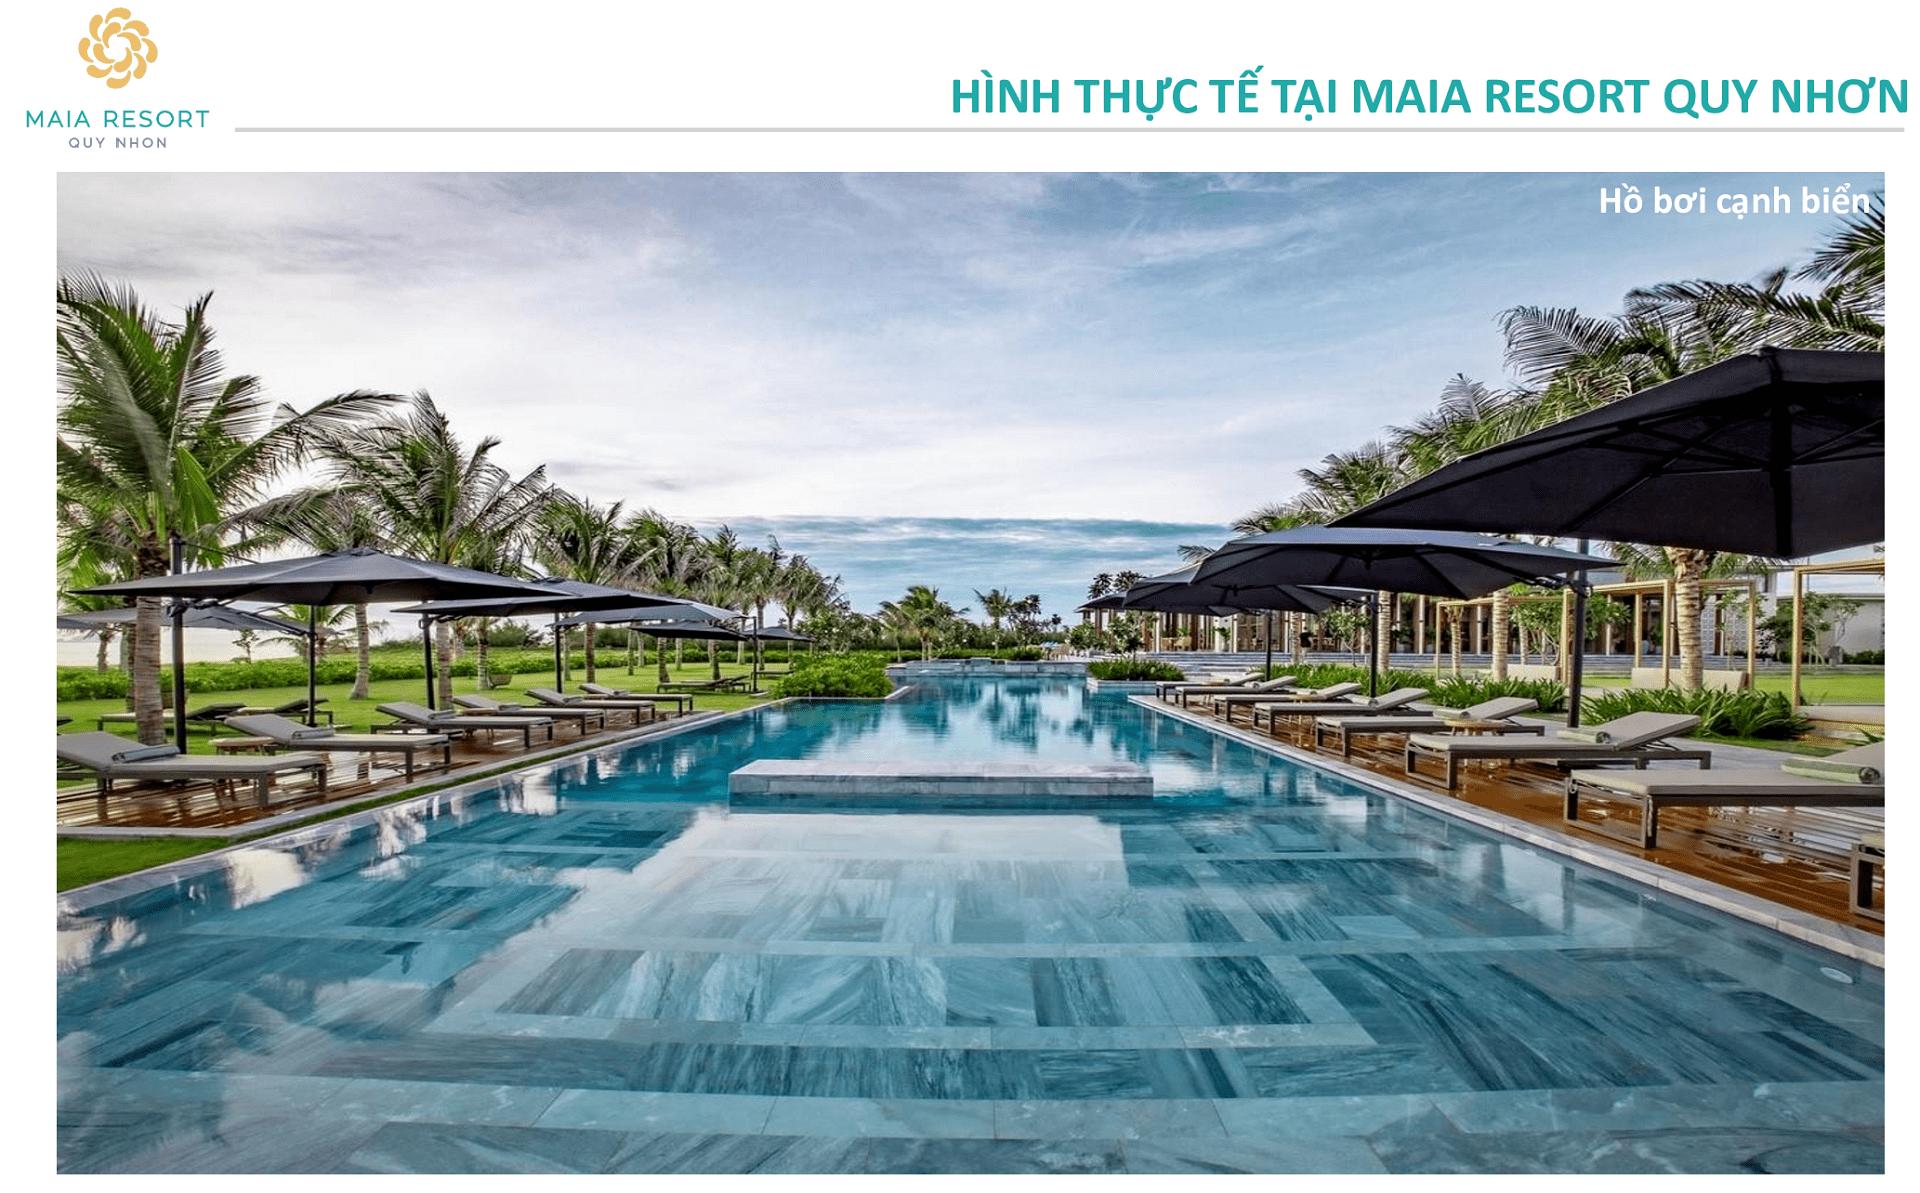 Biệt thự nghỉ dưỡng Maia Resort Quy Nhơn